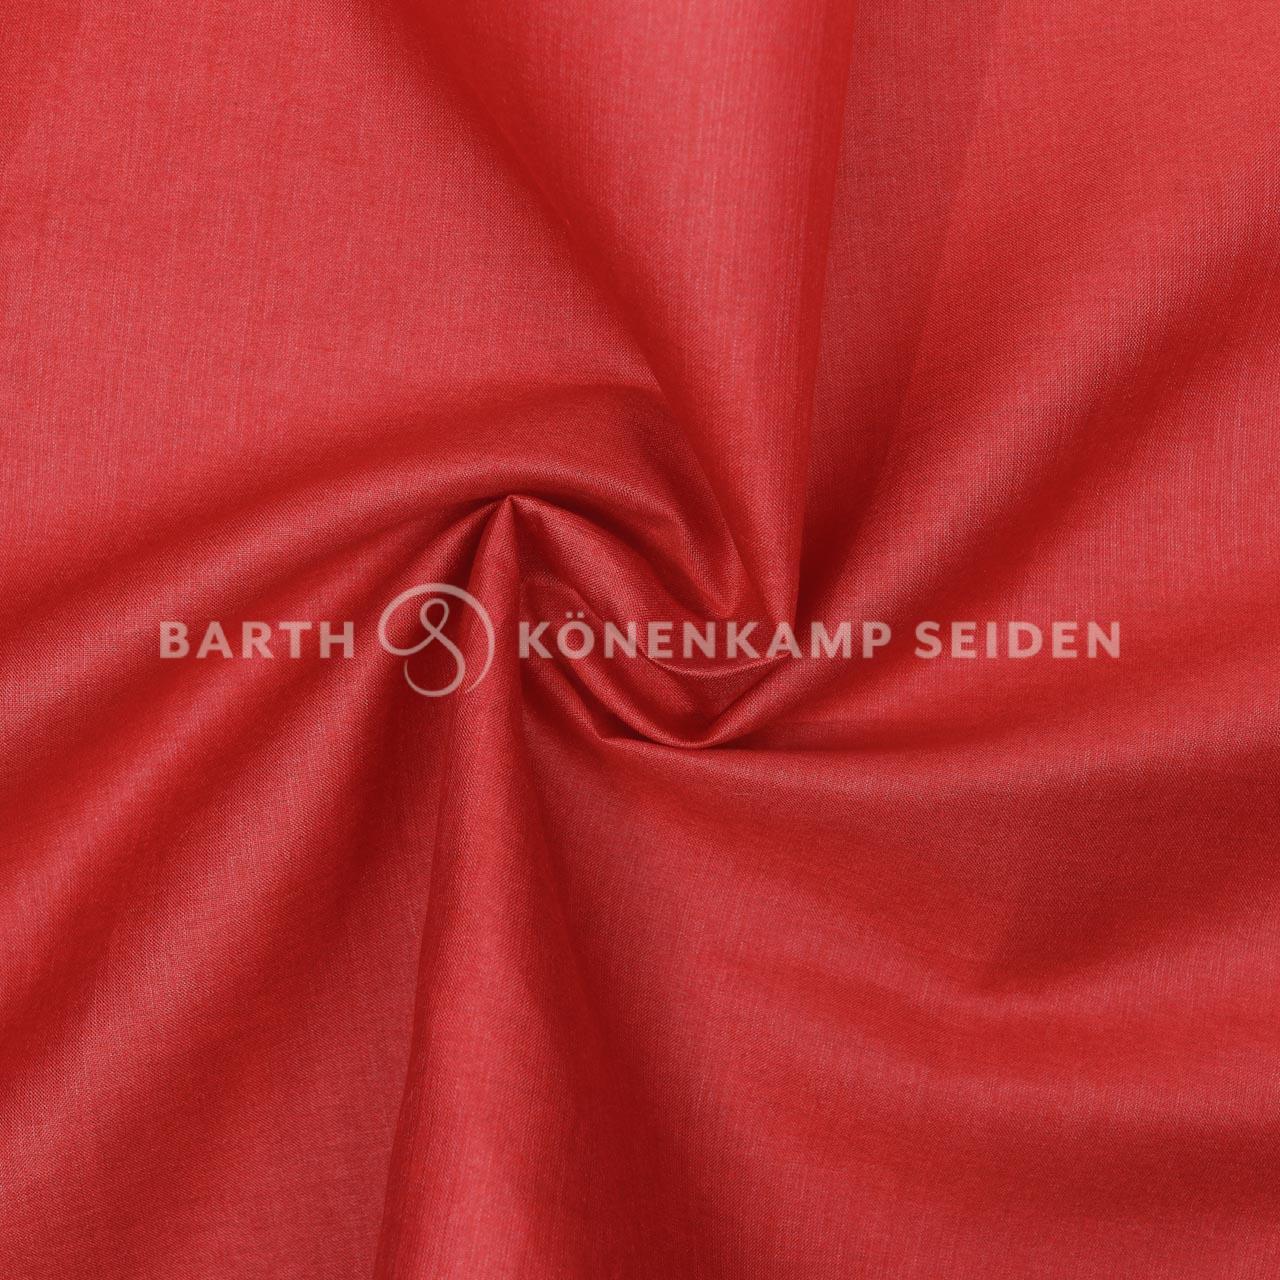 3500-511 / Tussah Modal  gefärbt